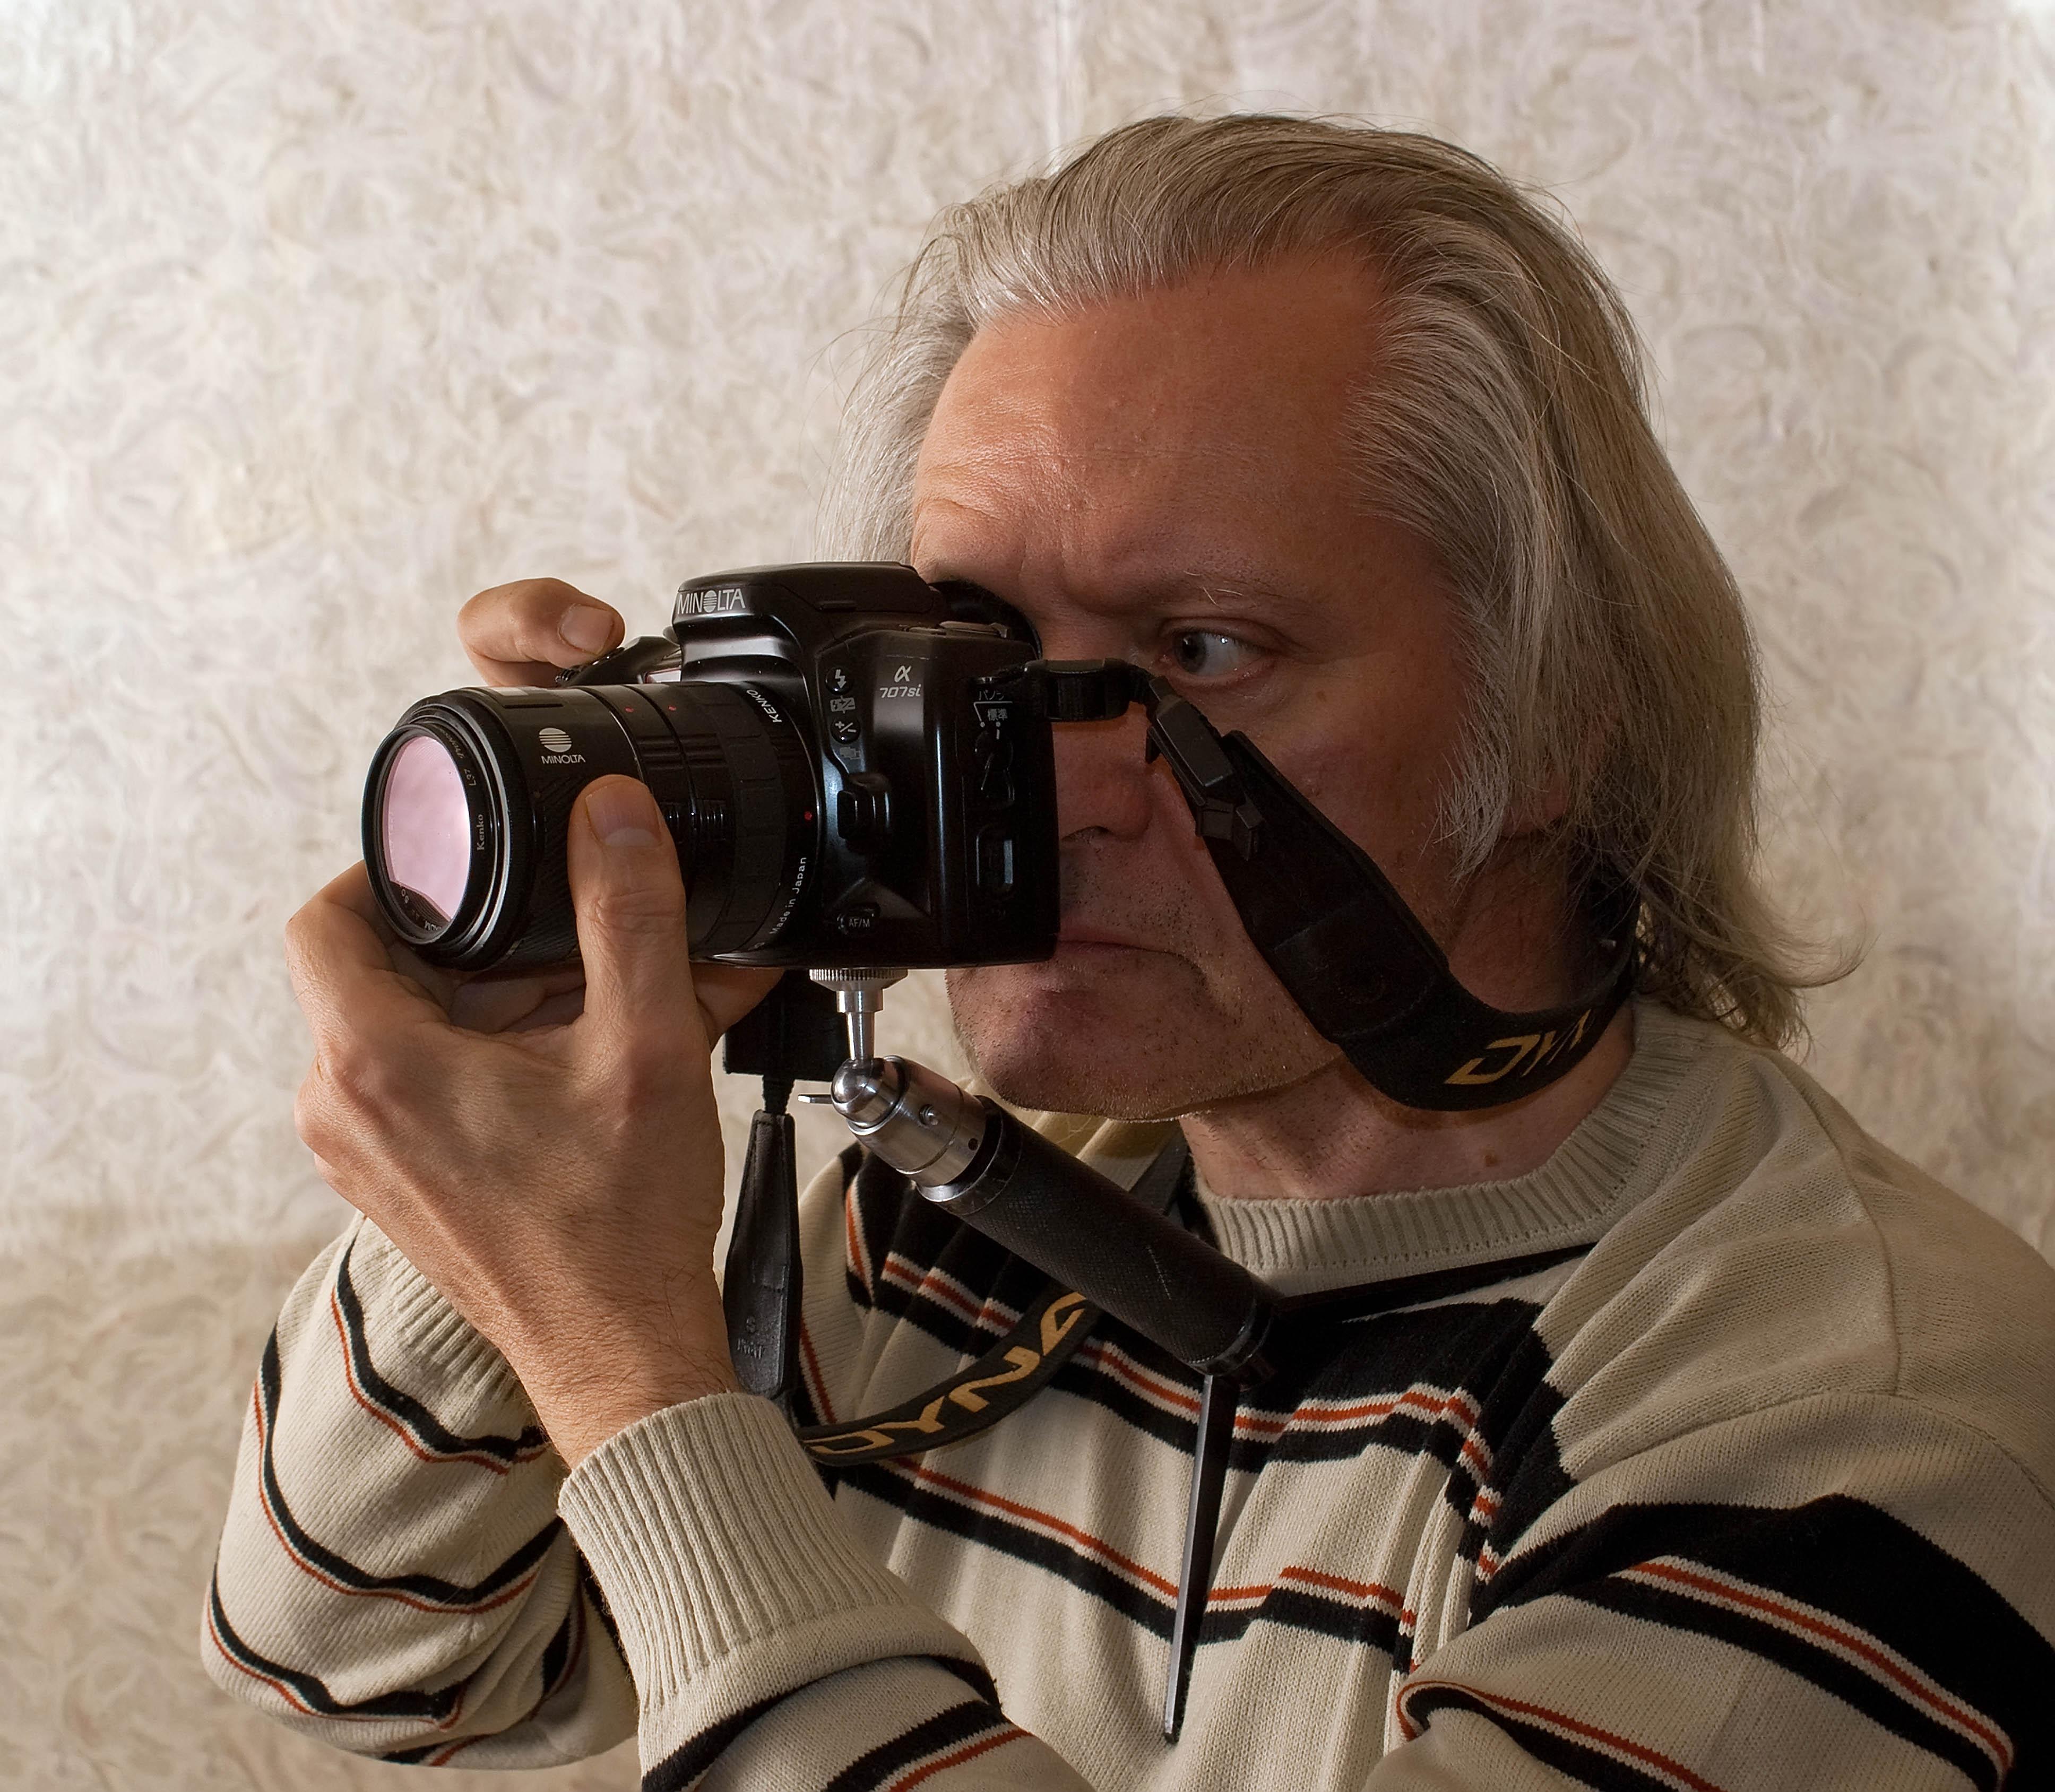 клиническую совет по выбору фотоаппарат древовед, специалист уходу